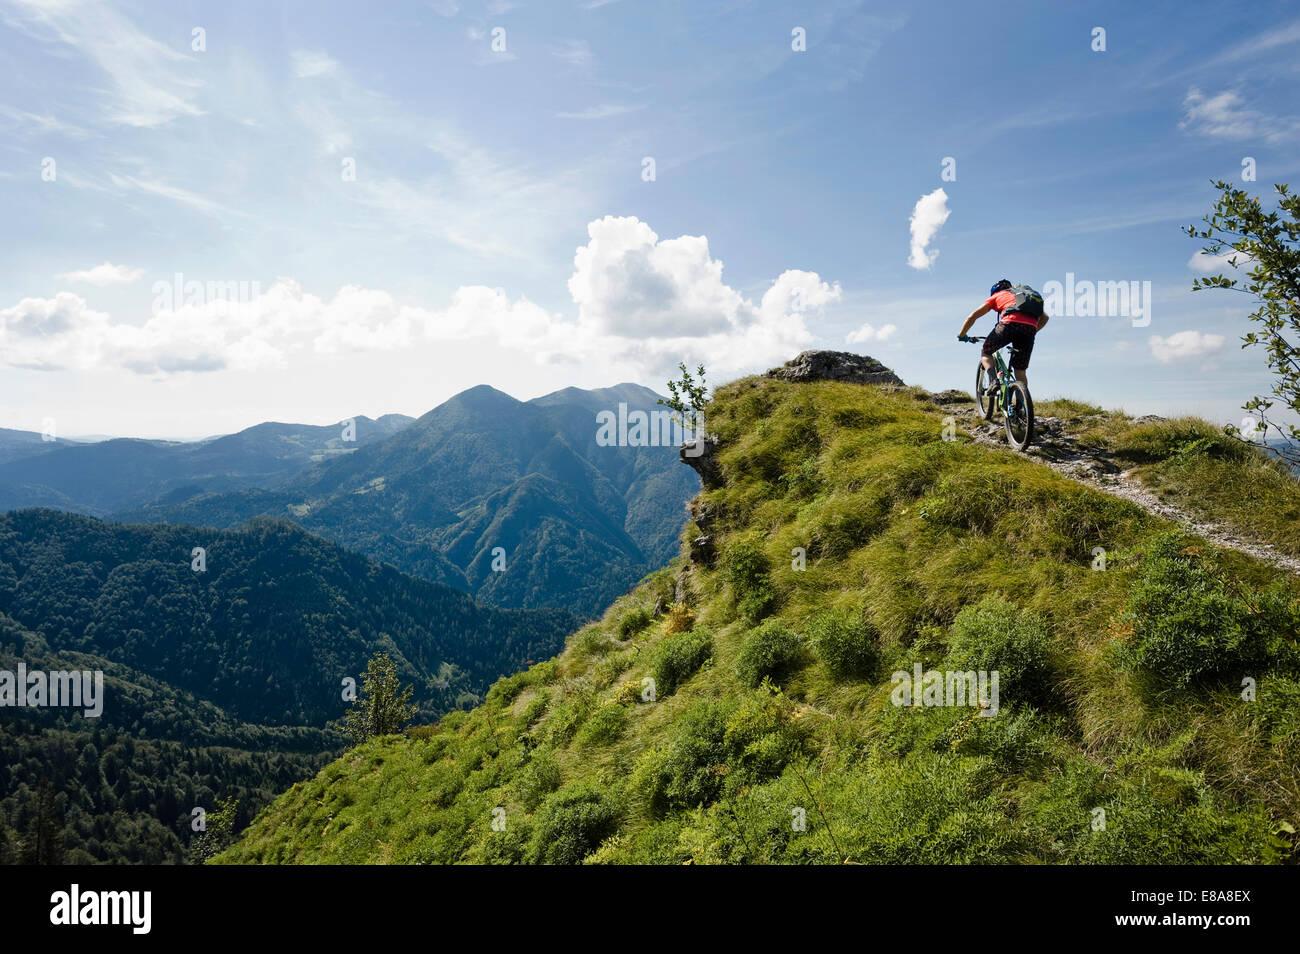 Ciclista de montaña en el camino cuesta arriba, Slatnik, Istria, Eslovenia Imagen De Stock